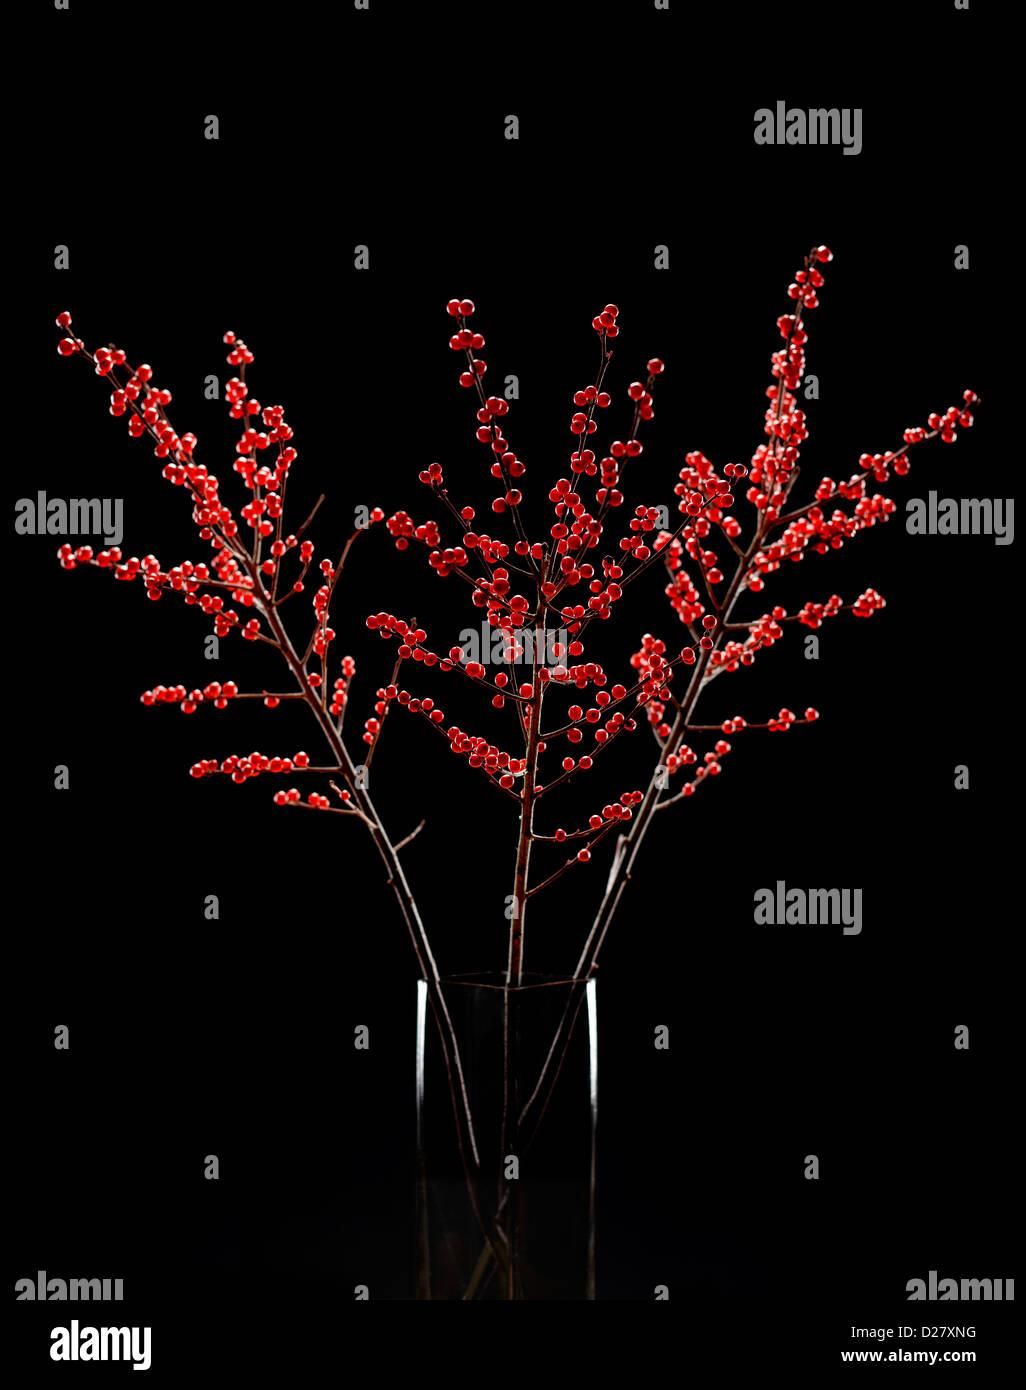 Arrangement of red winter berries in glass vase on black arrangement of red winter berries in glass vase on black background reviewsmspy